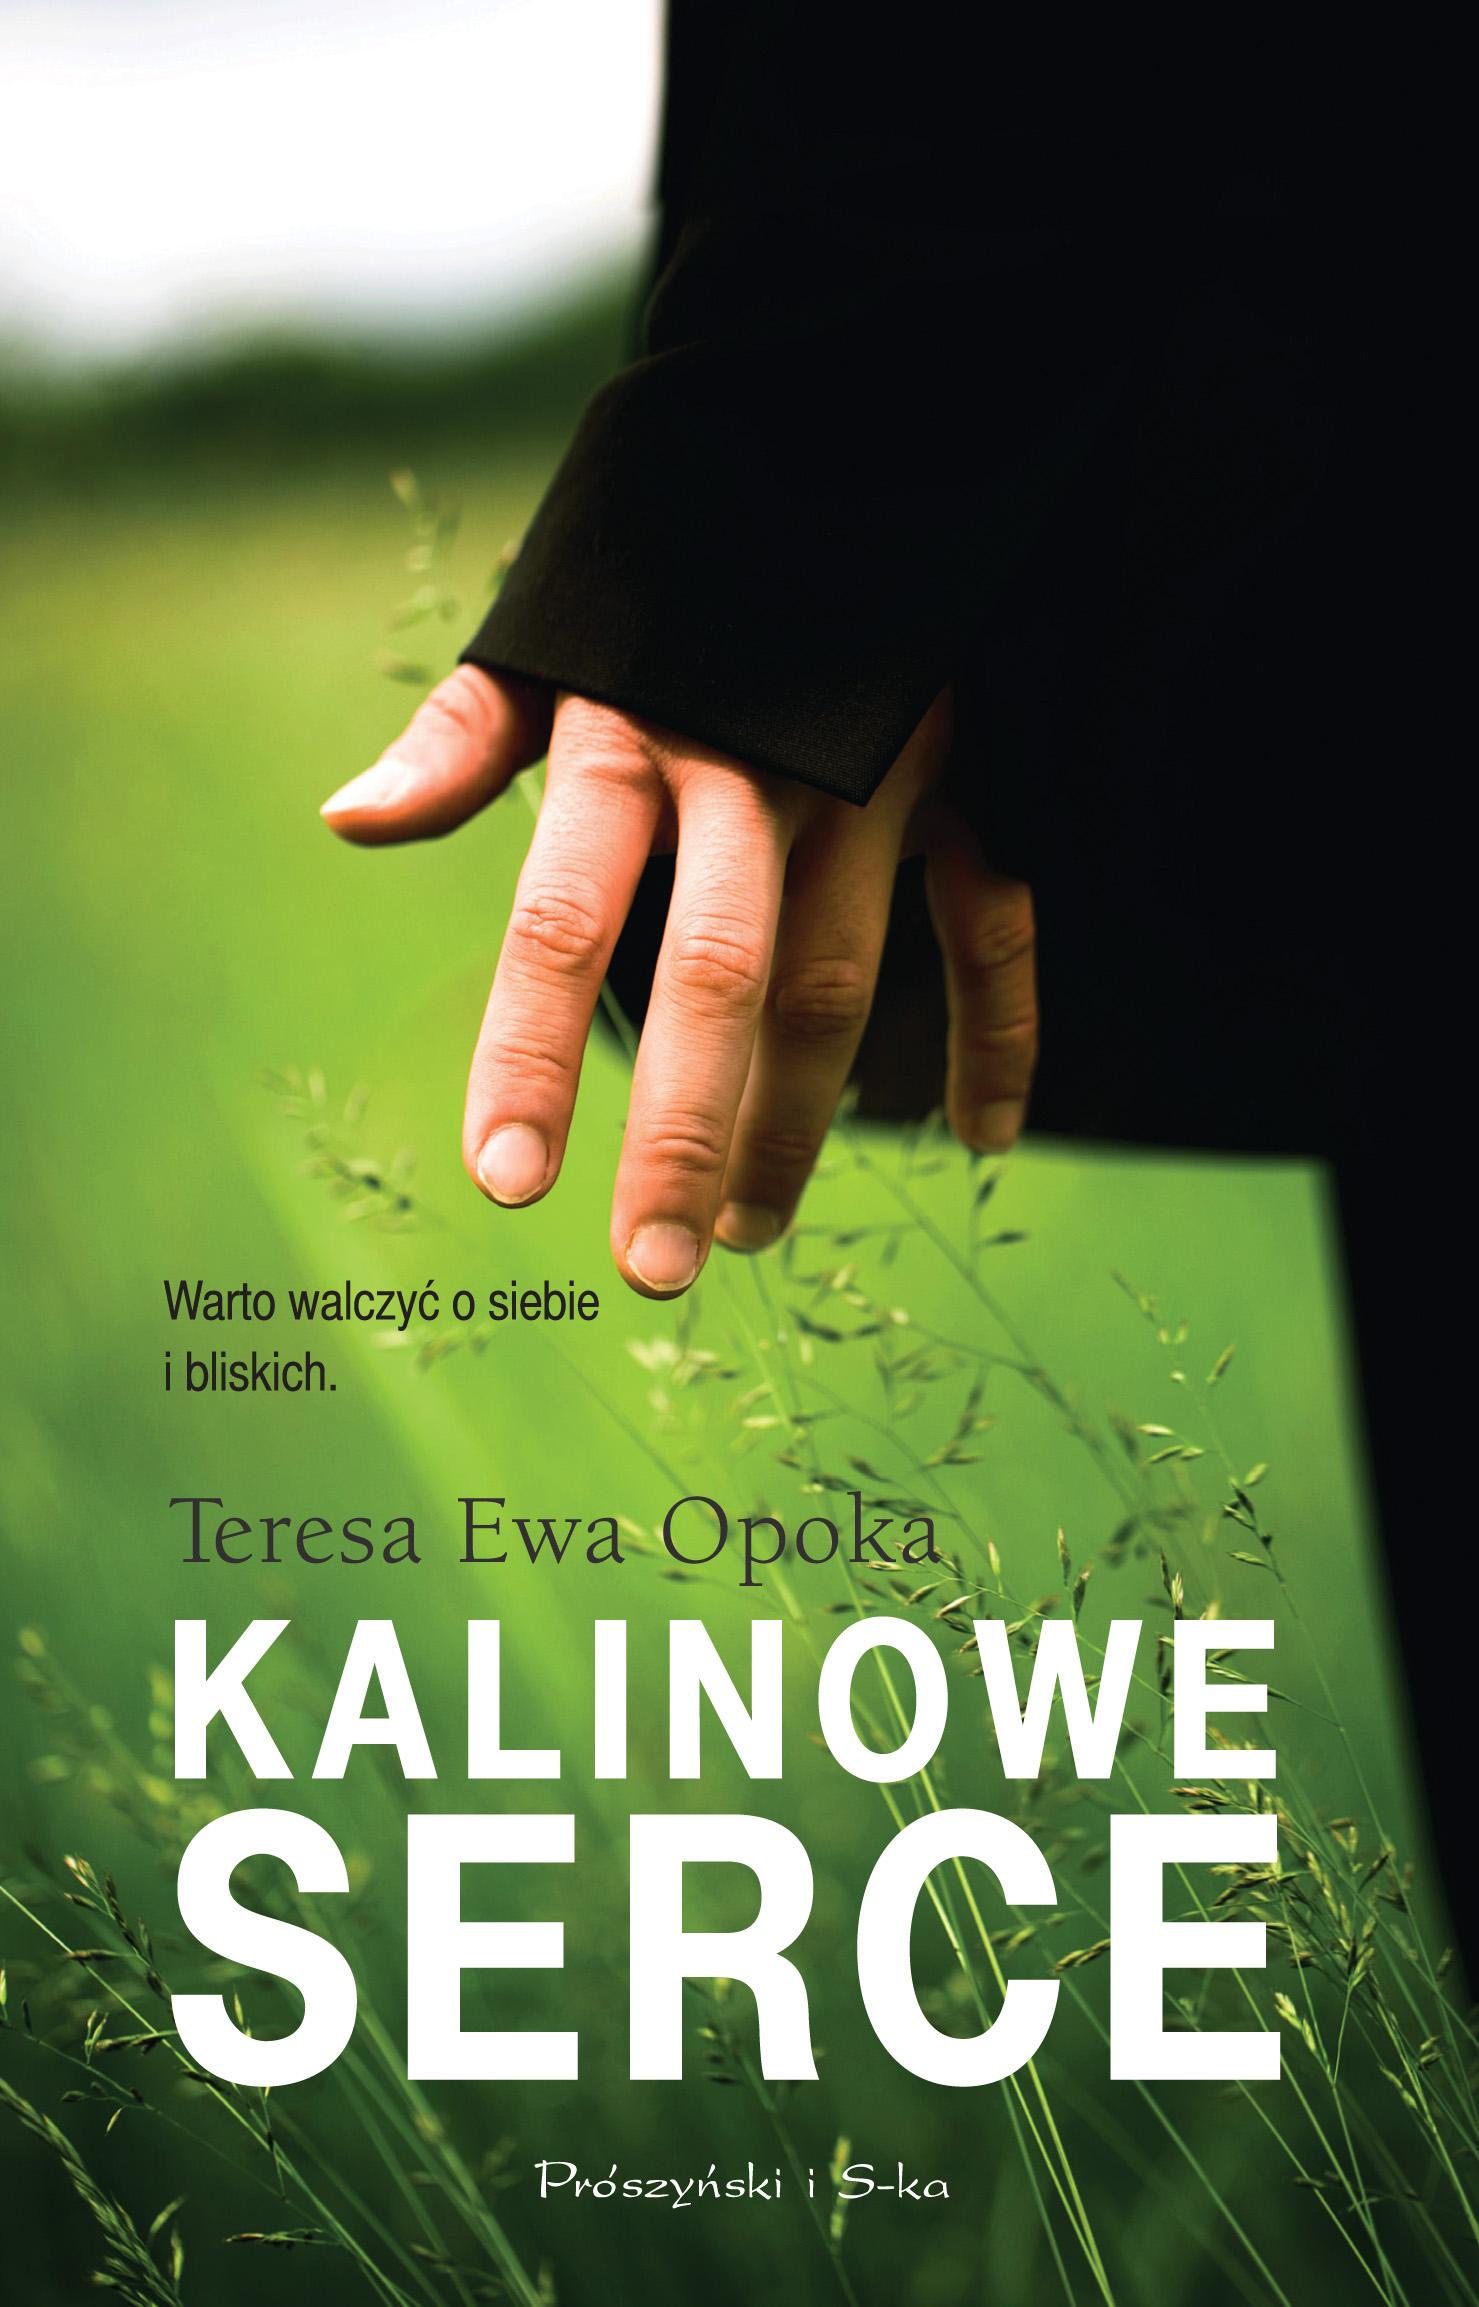 Kalinowe serce ebook